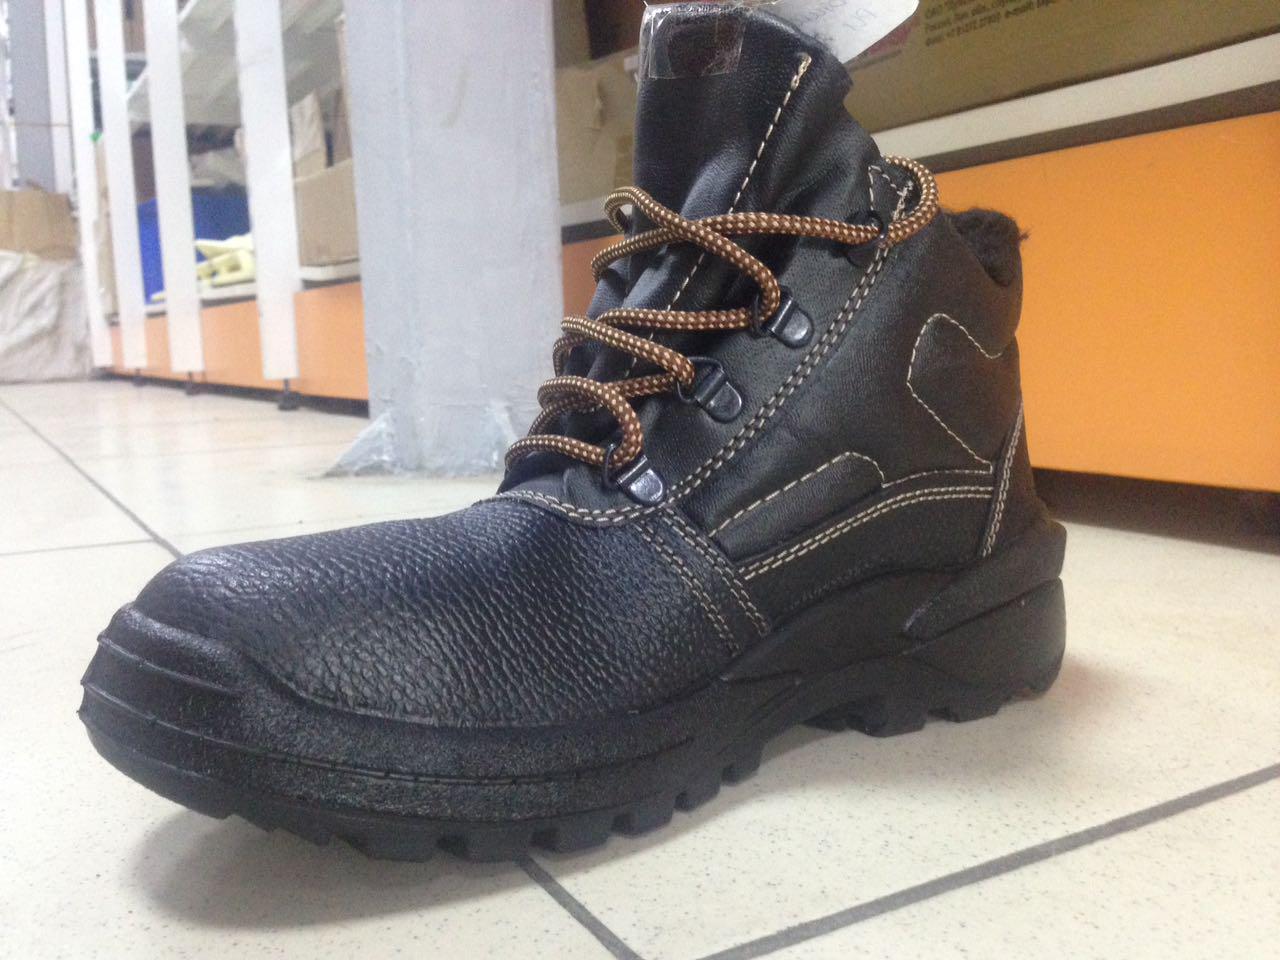 Ботинки кожаные СТИКС РИ утепленные (БОТ 340 ИМ)